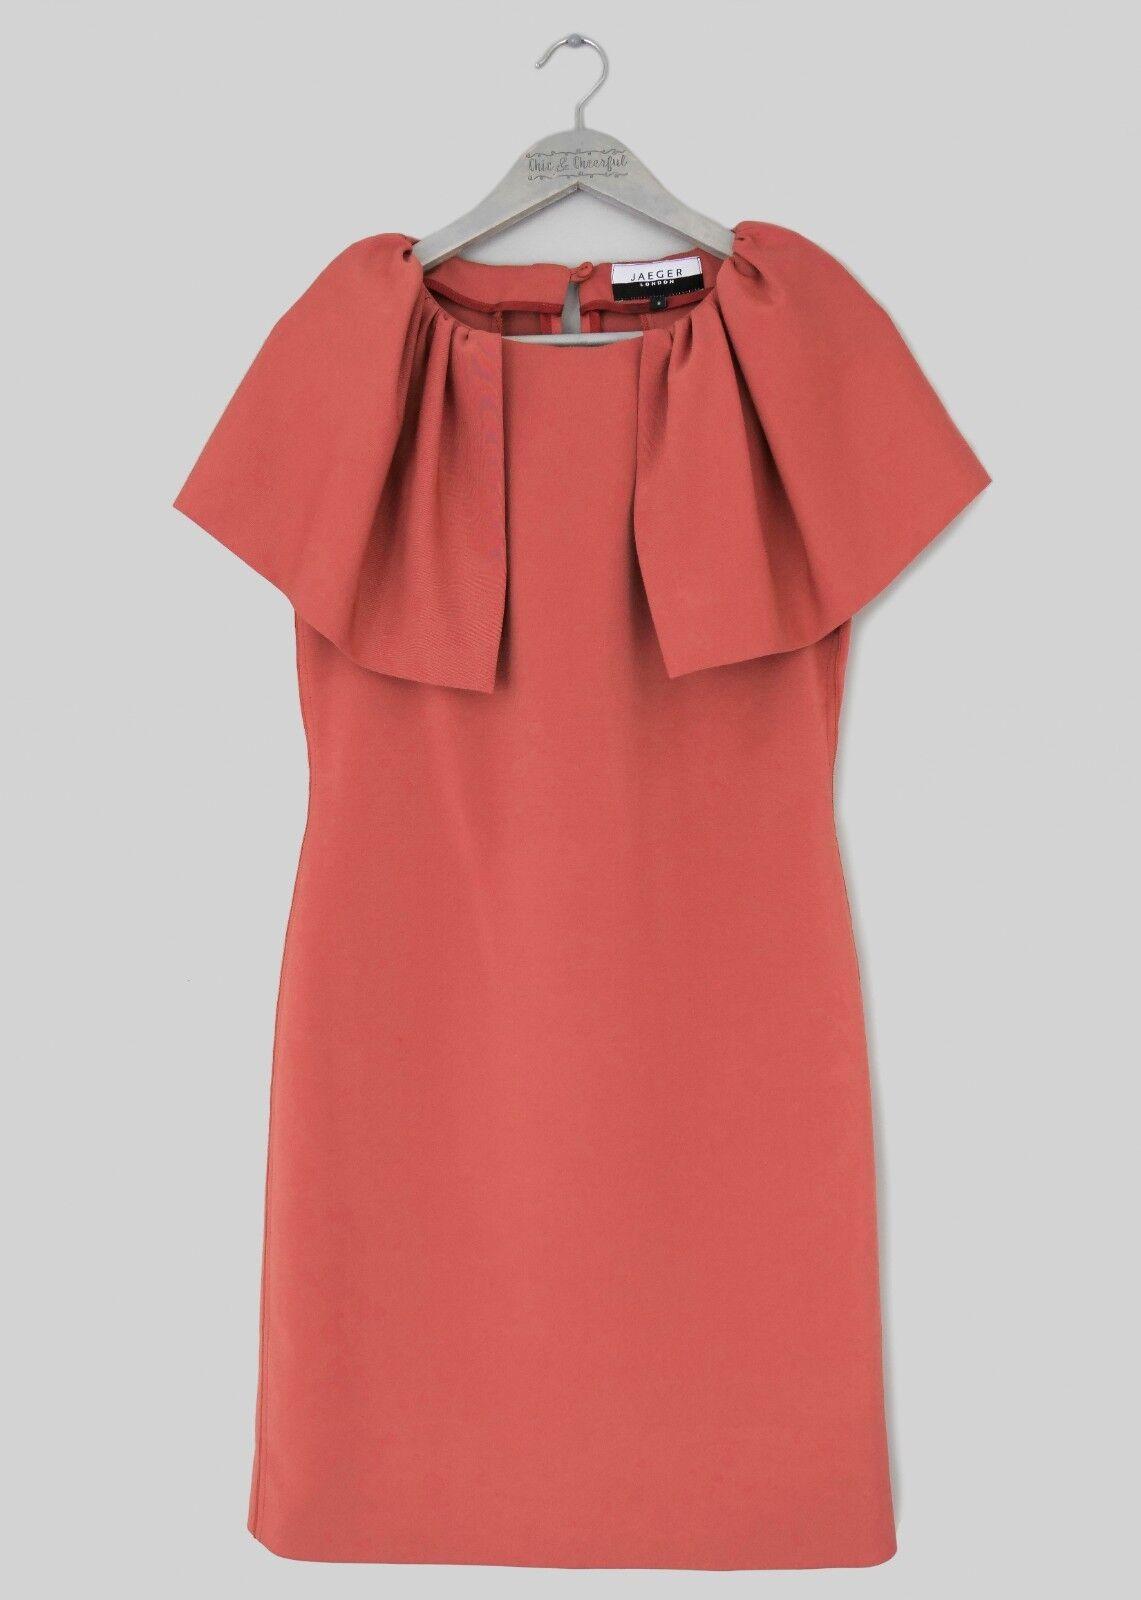 JAEGER damen TERRACOTTA RUST Orange CAPE SLEEVE DRESS -UK 8 EU 36-